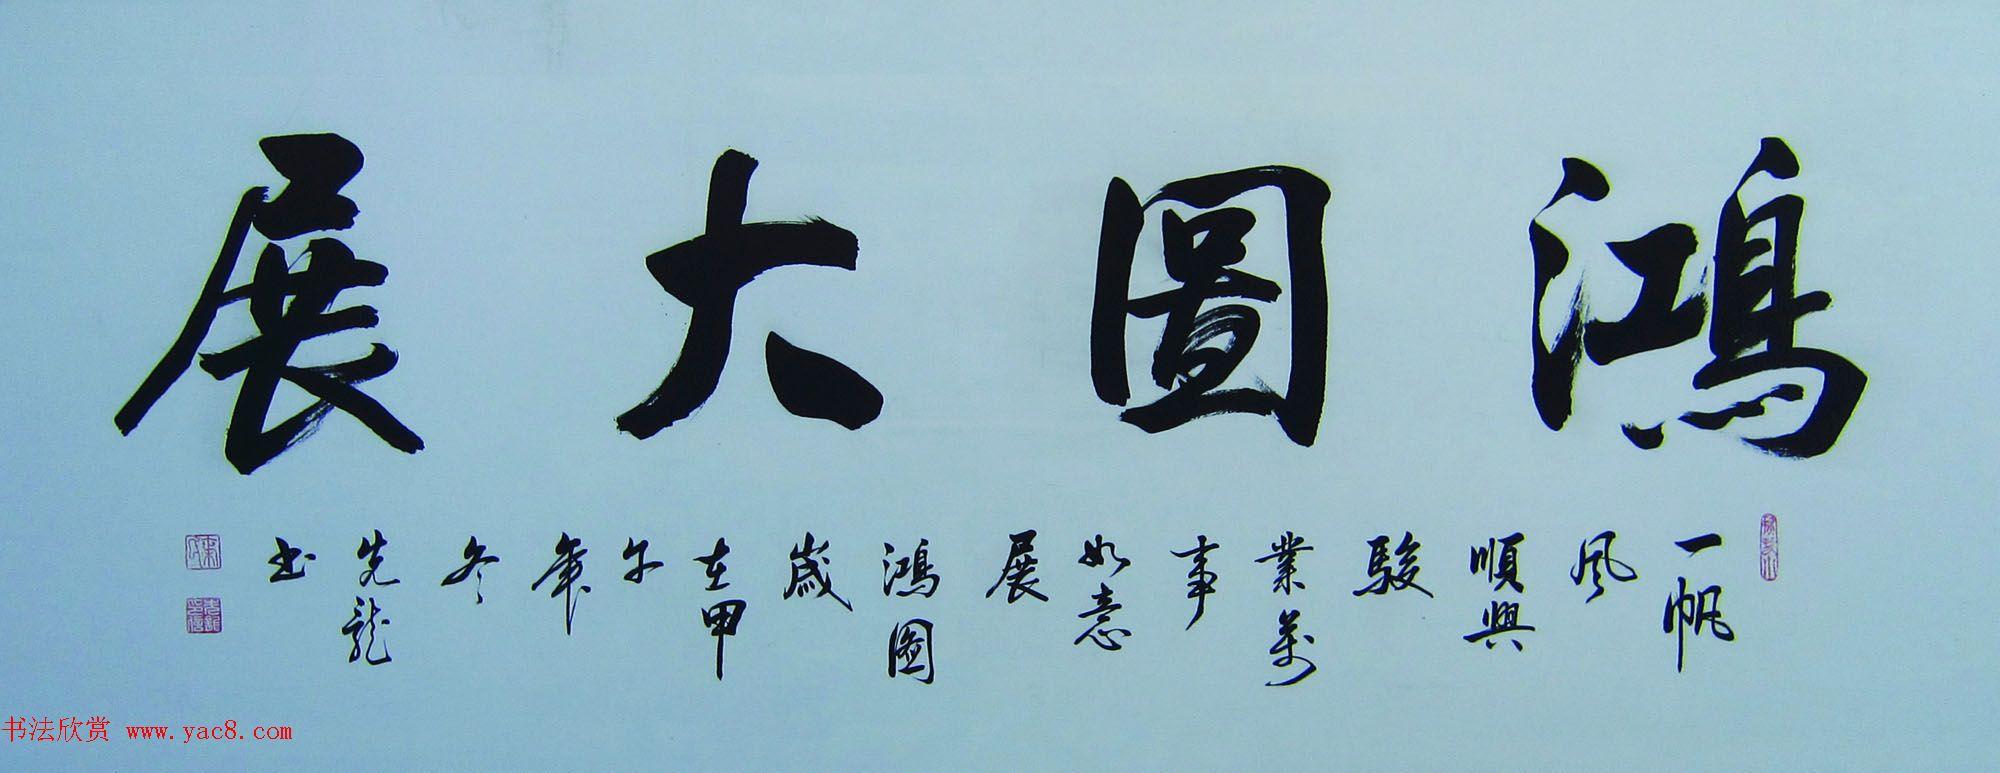 来稿选刊_叶先龙书法作品3幅